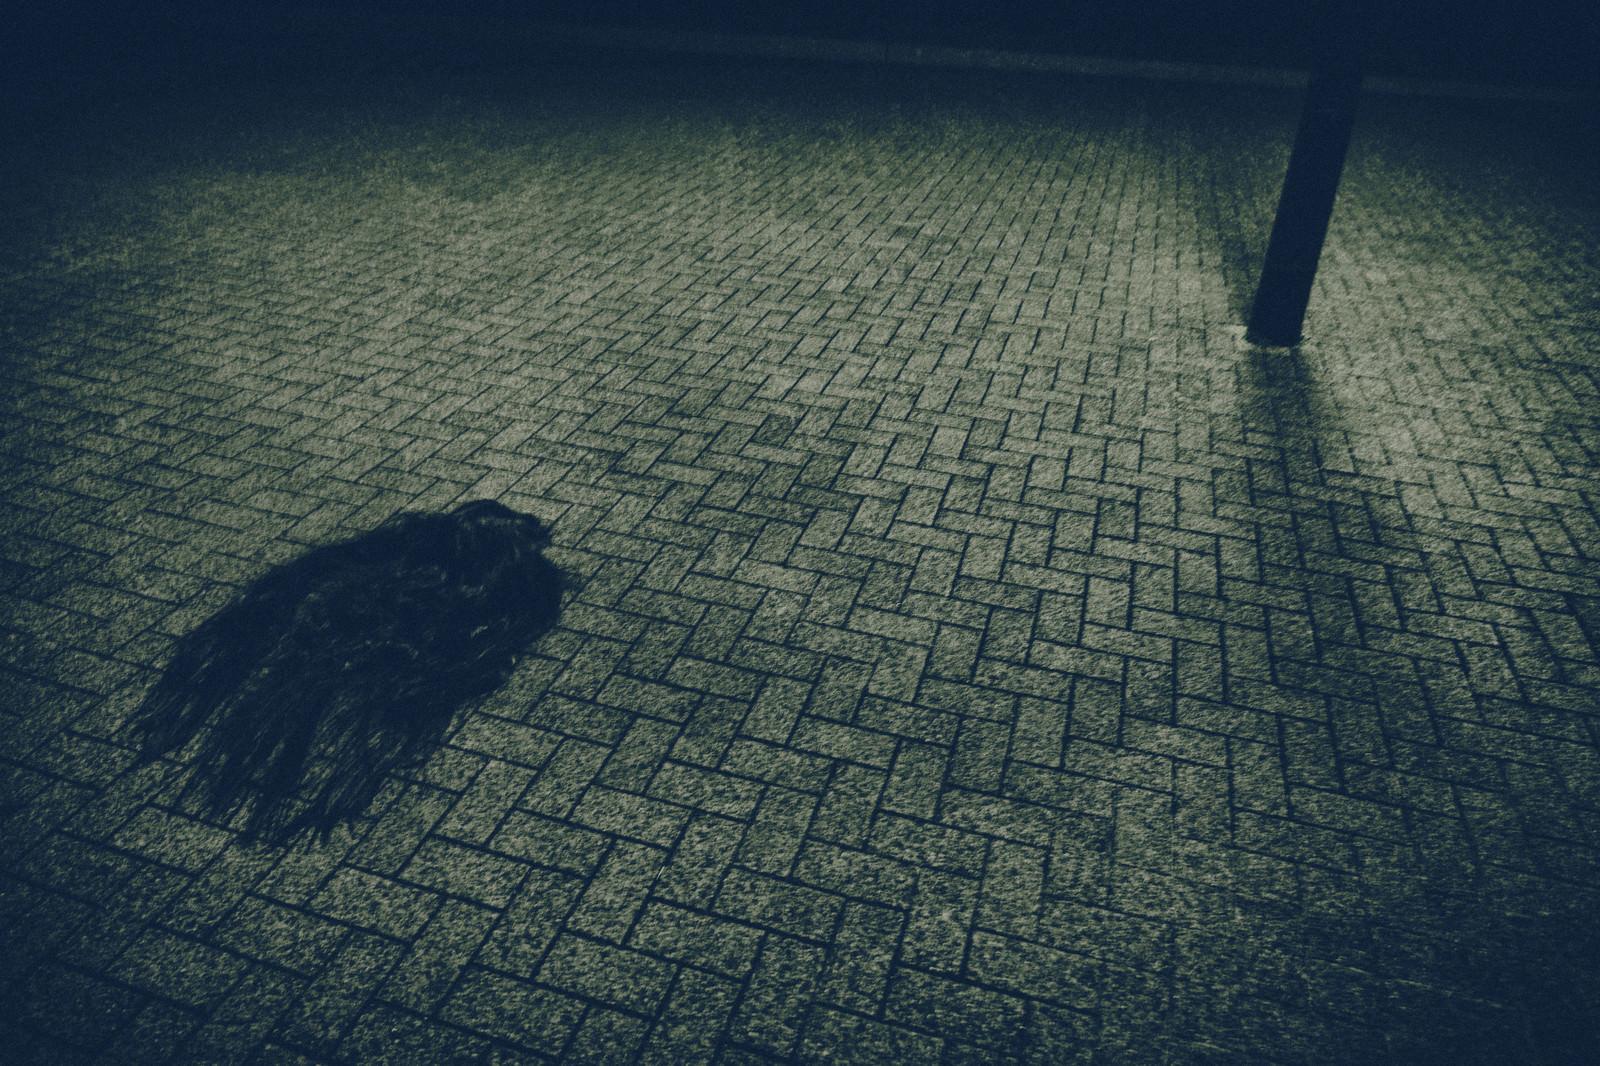 「暗闇の路上に取り残された女性の髪の毛のような物体」の写真[モデル:緋真煉]